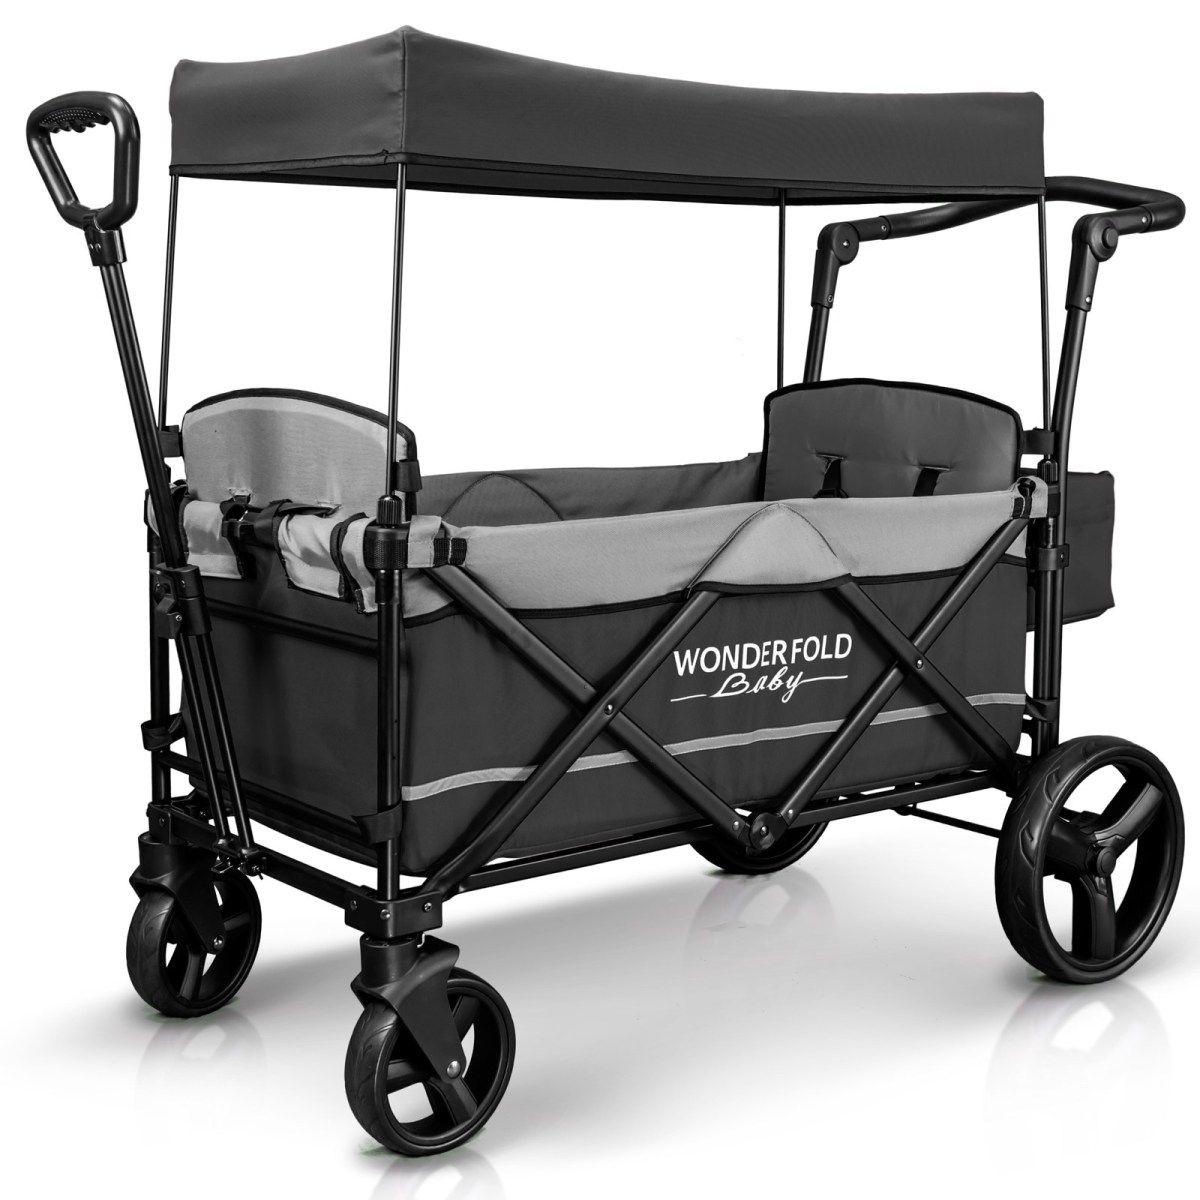 X2 Push/Pull 2Passenger Stroller Wagon (Gray) Stroller